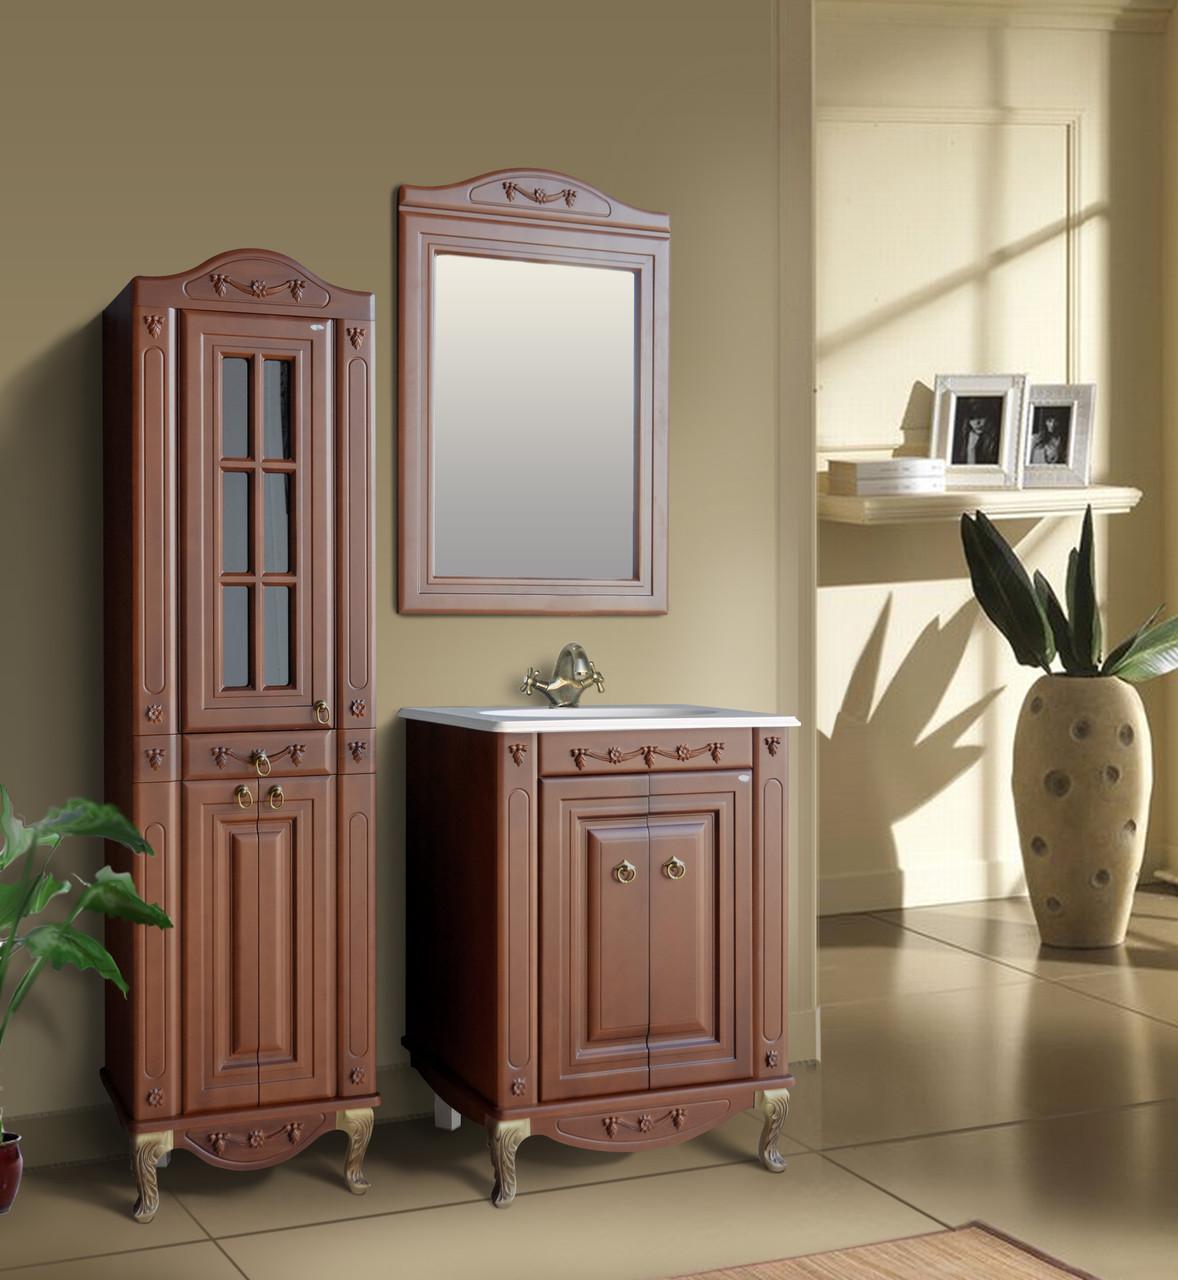 Комплект мебели Ольвия (Атолл) Верона 65 столешница камень scuro